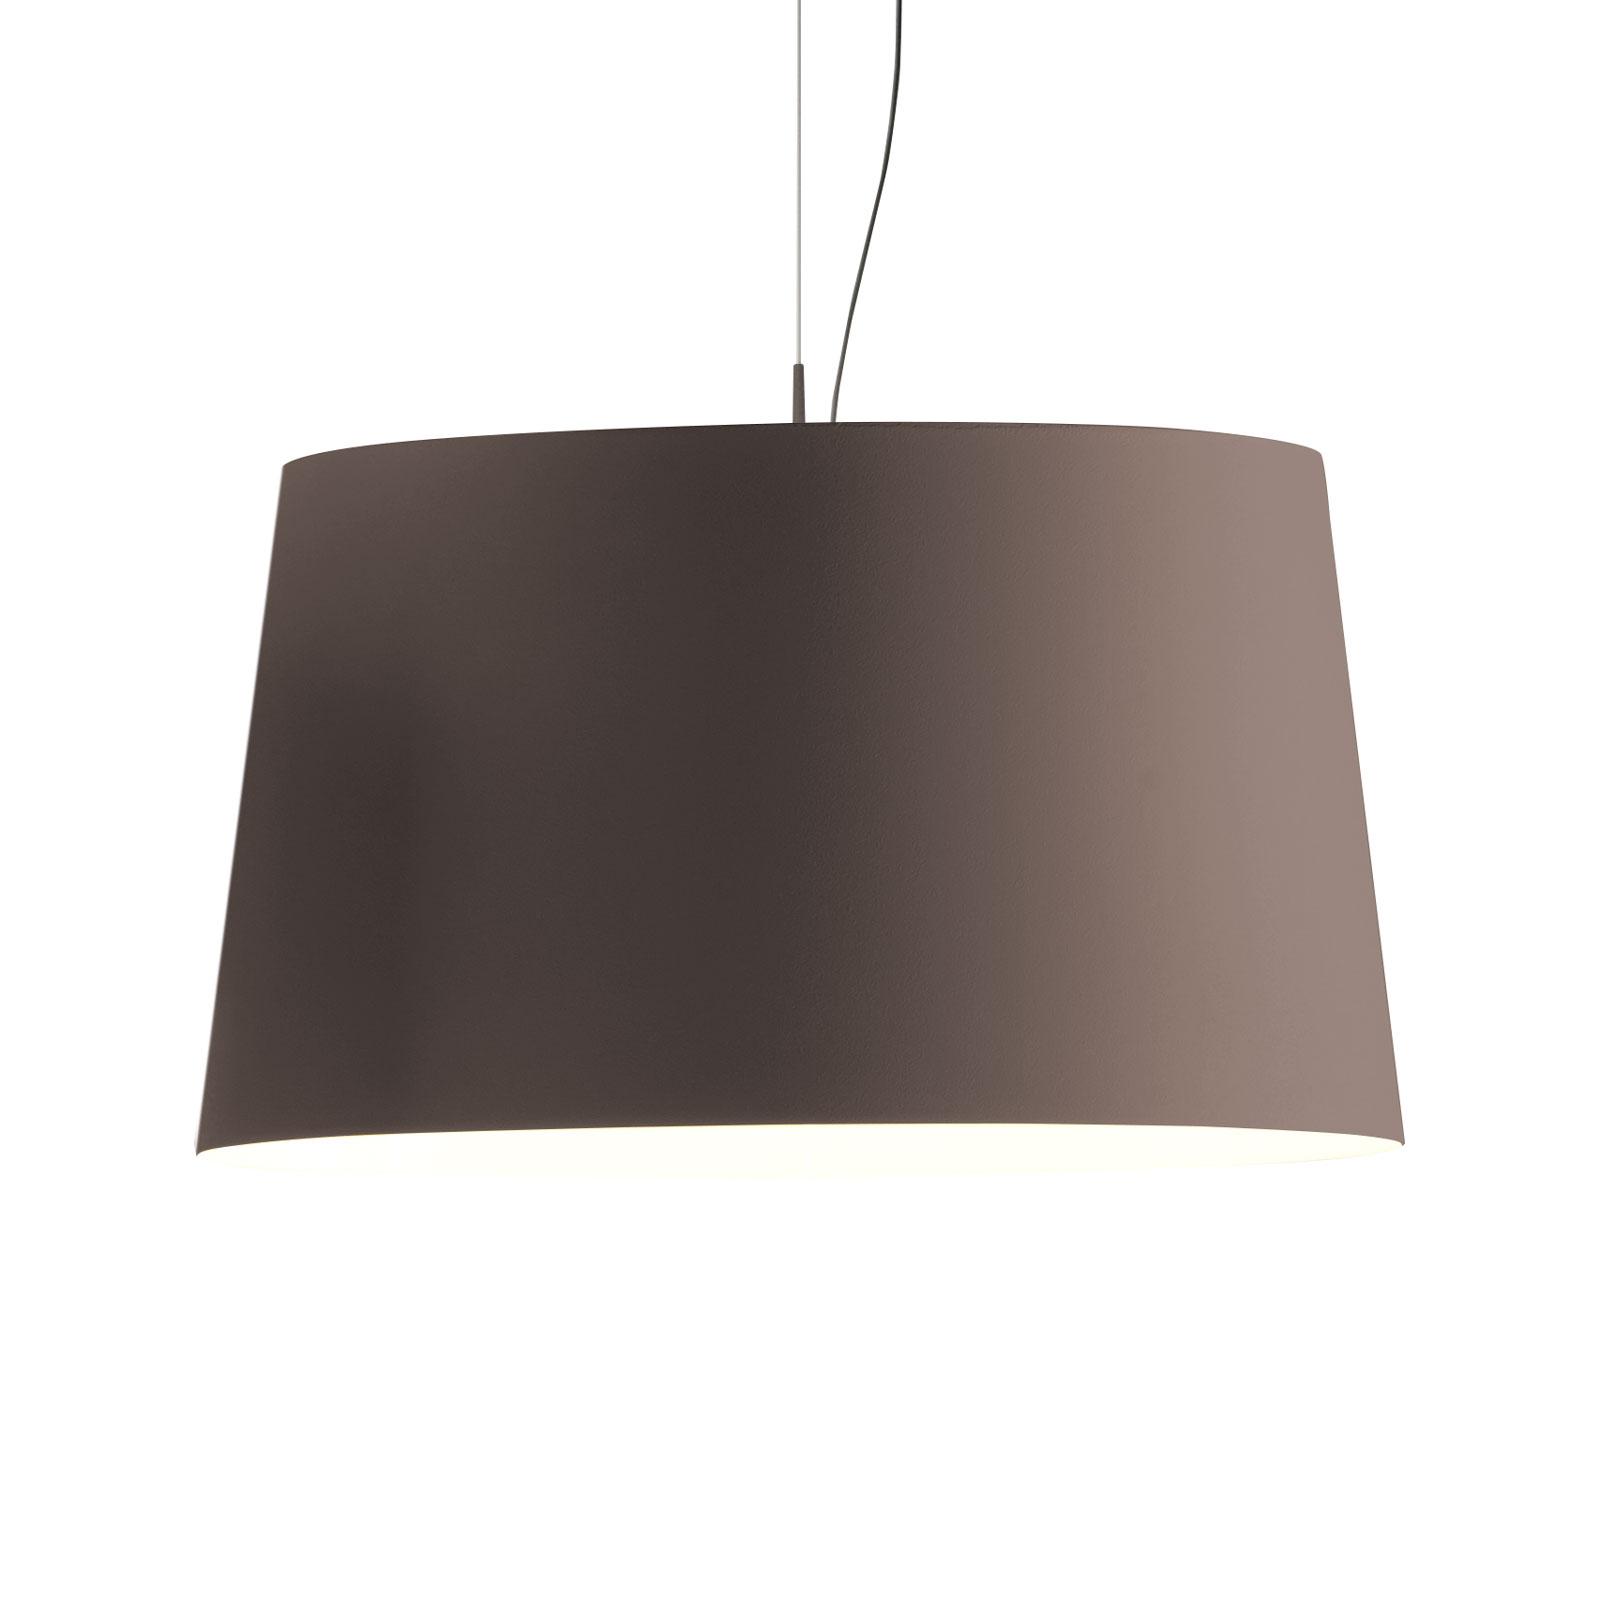 Vibia Warm 4926 lampa wisząca, brązowy